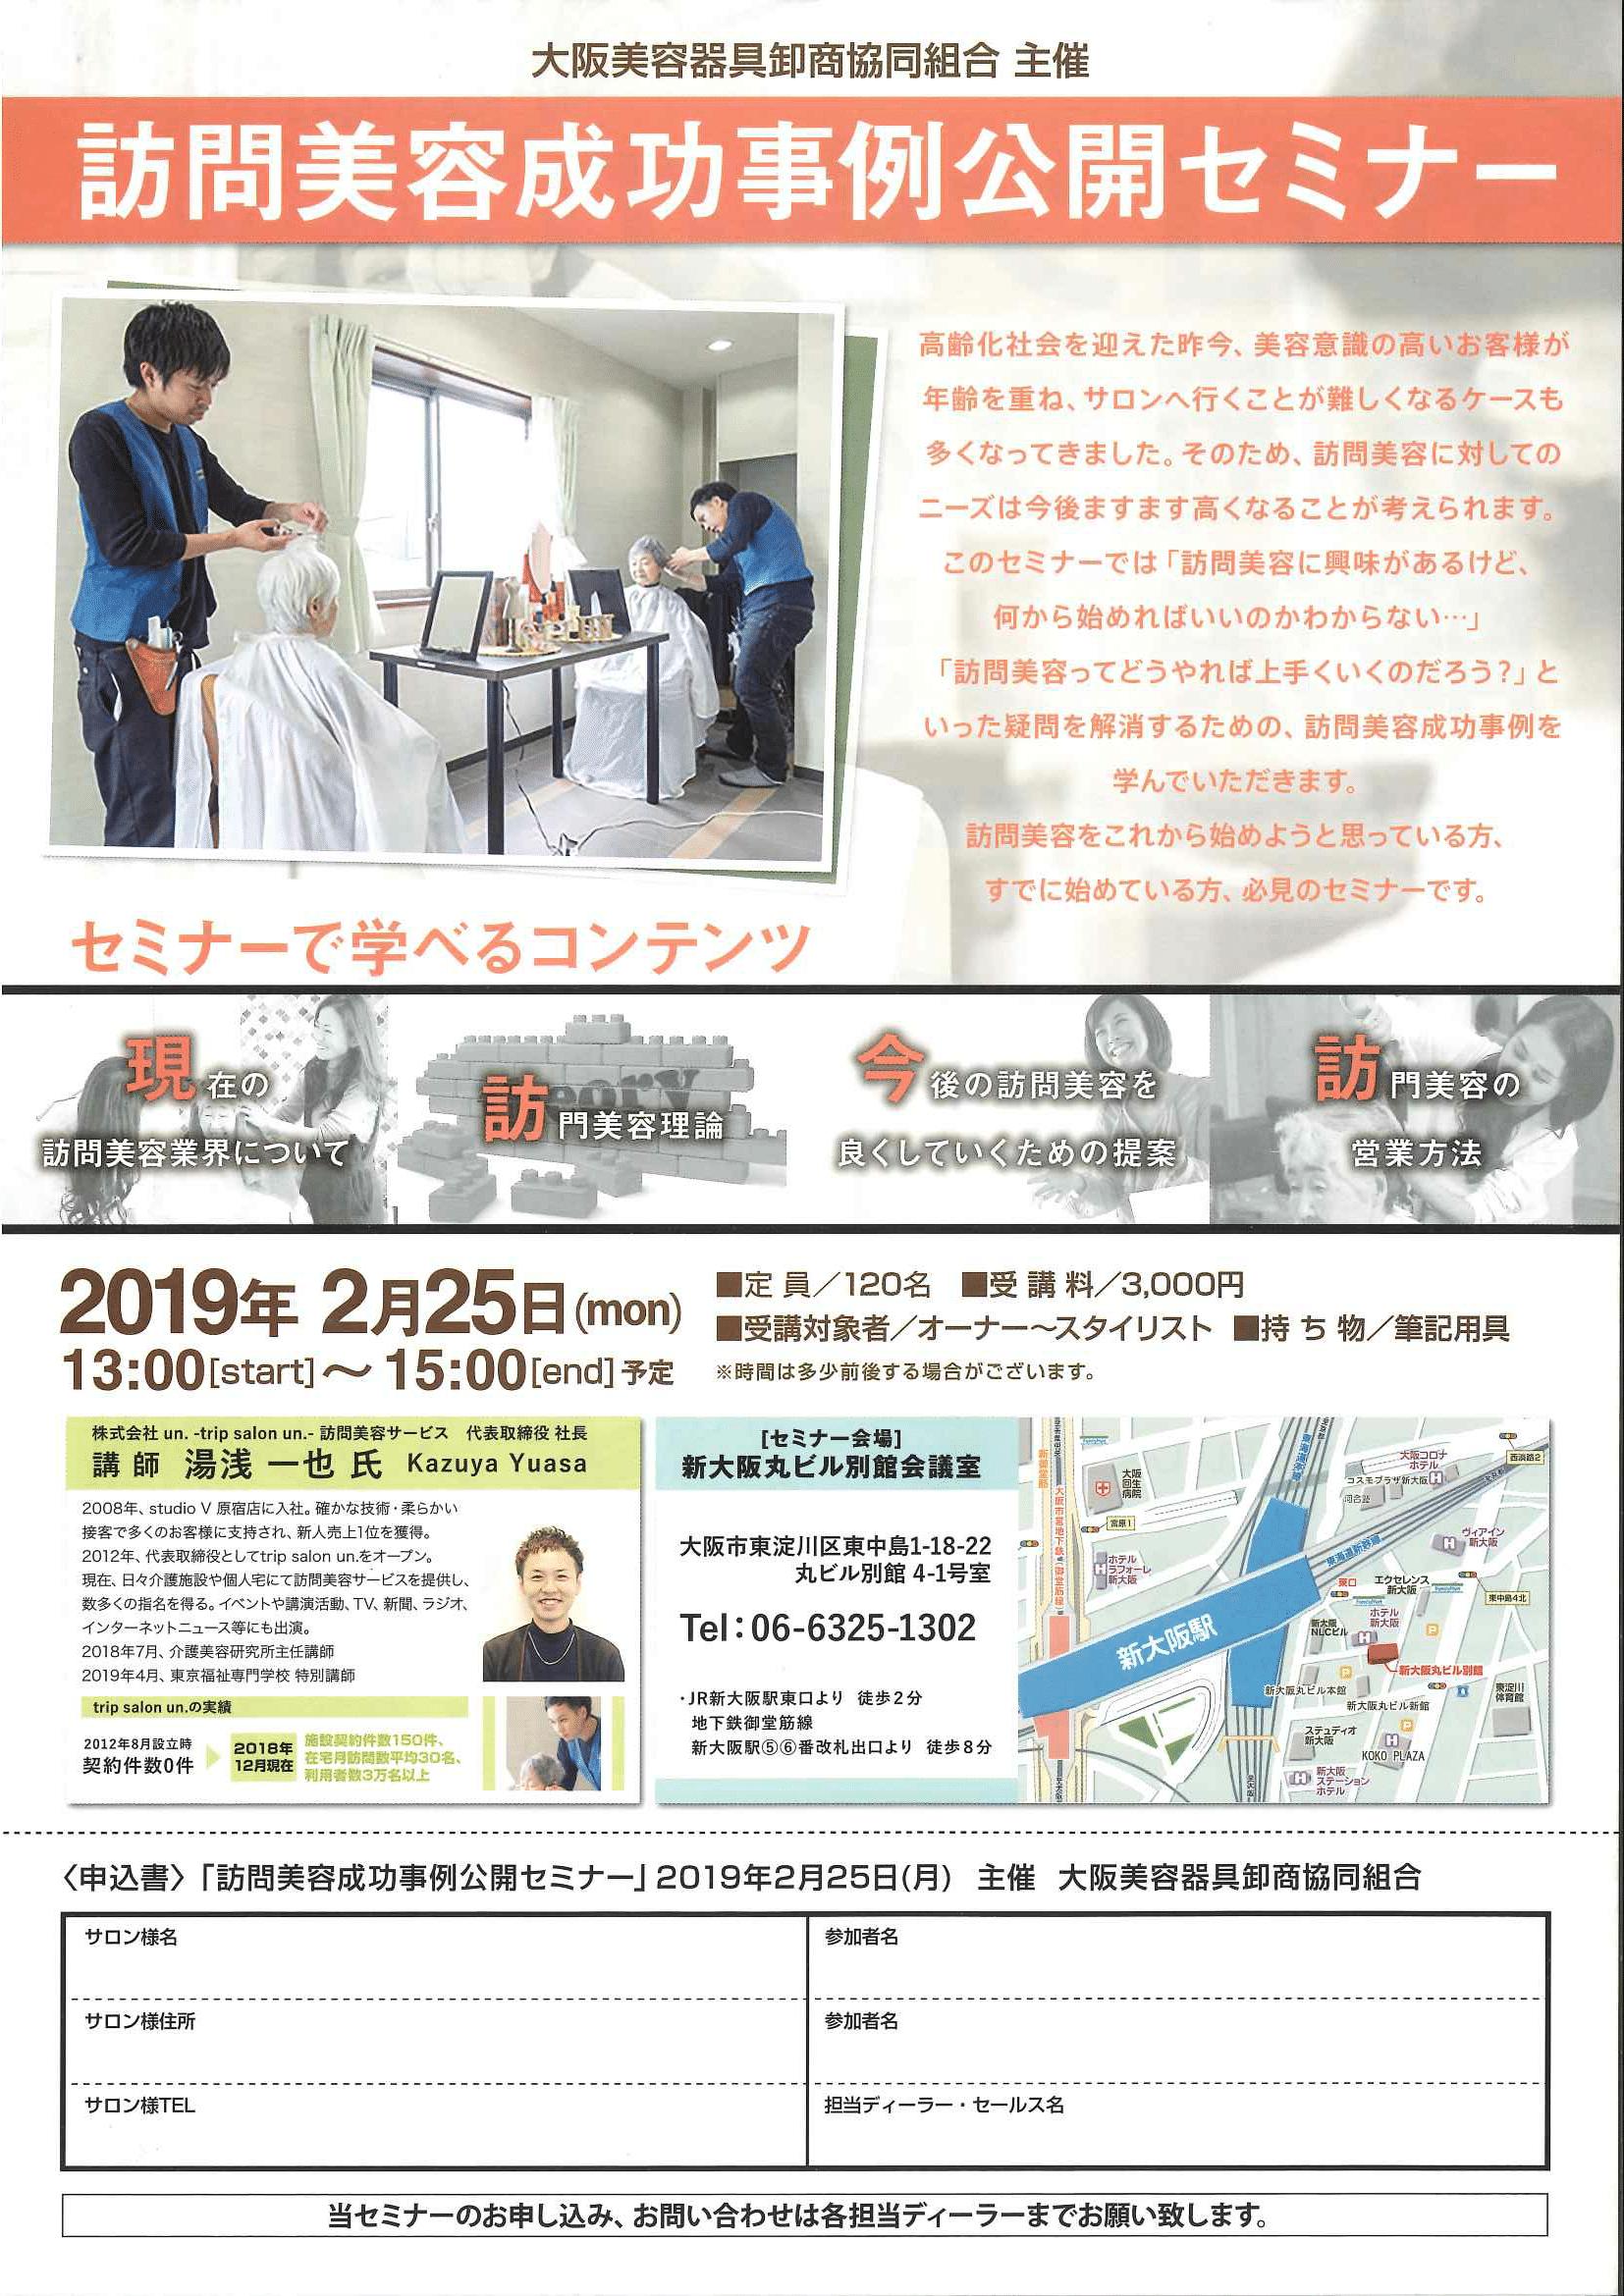 【大阪】訪問美容成功事例公開セミナー